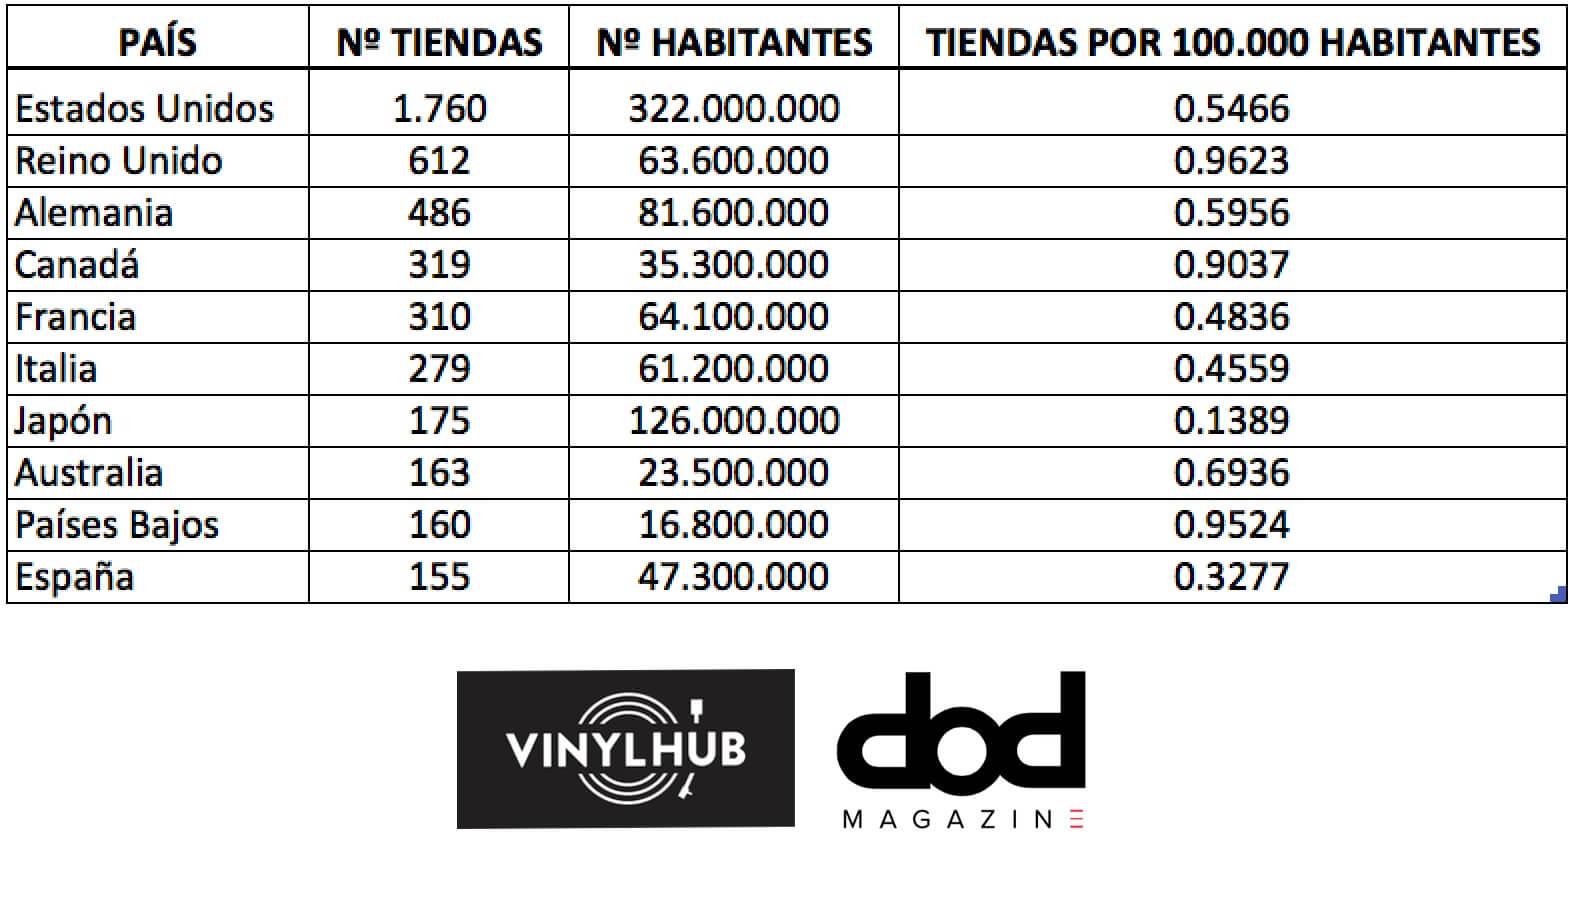 TOP 10 de países con más tiendas de vinilos